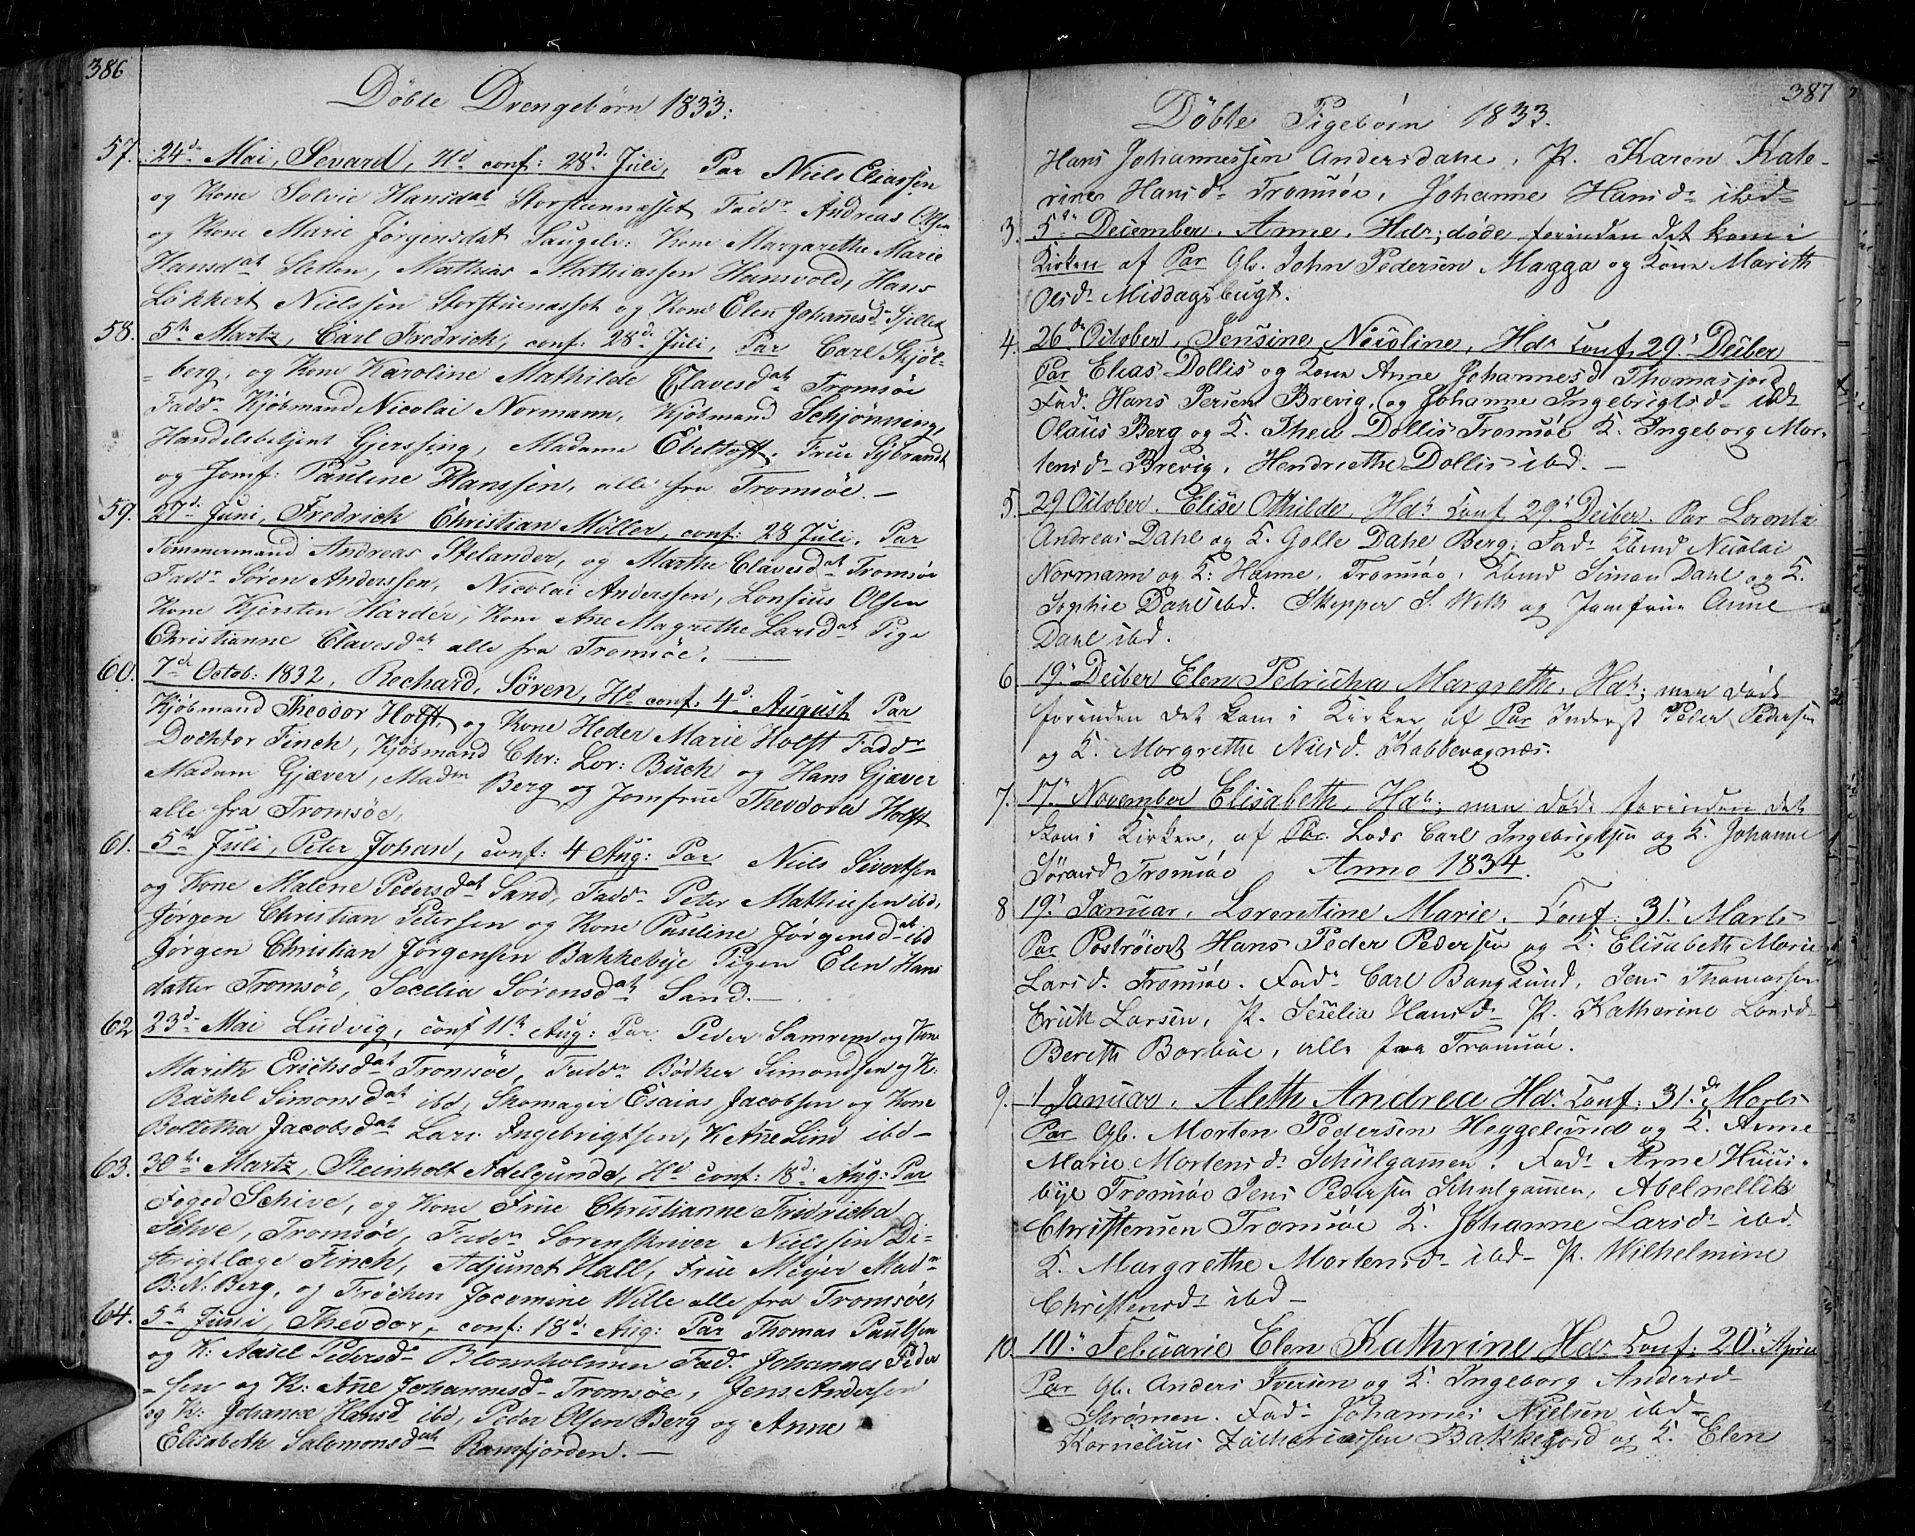 SATØ, Tromsø sokneprestkontor/stiftsprosti/domprosti, G/Ga/L0008kirke: Ministerialbok nr. 8, 1829-1837, s. 386-387